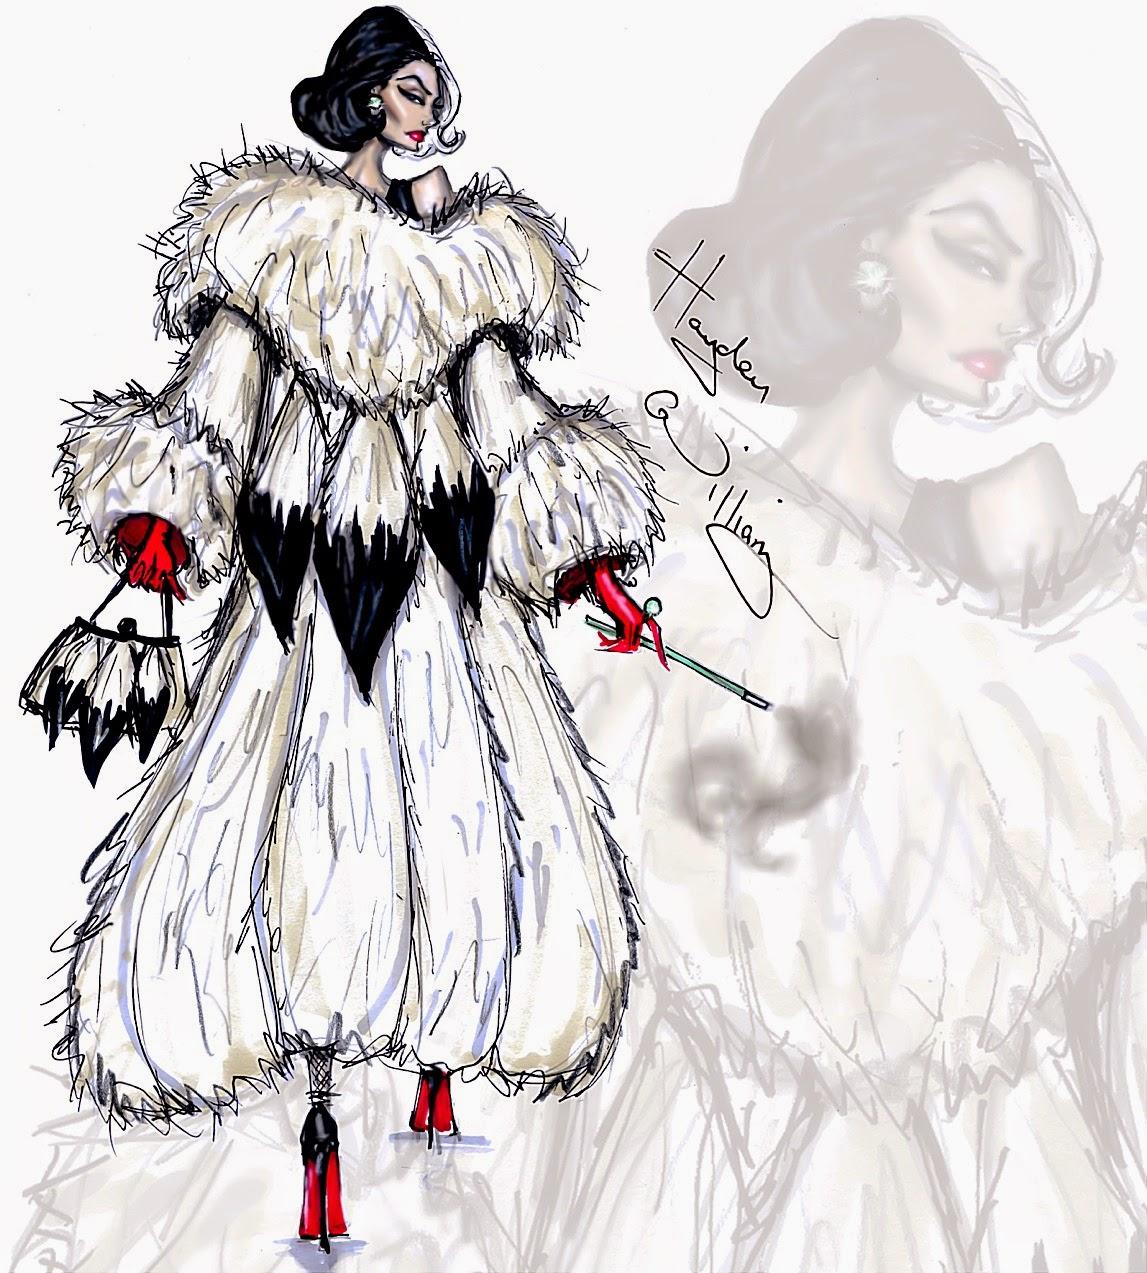 Cruella de vil fashion 46